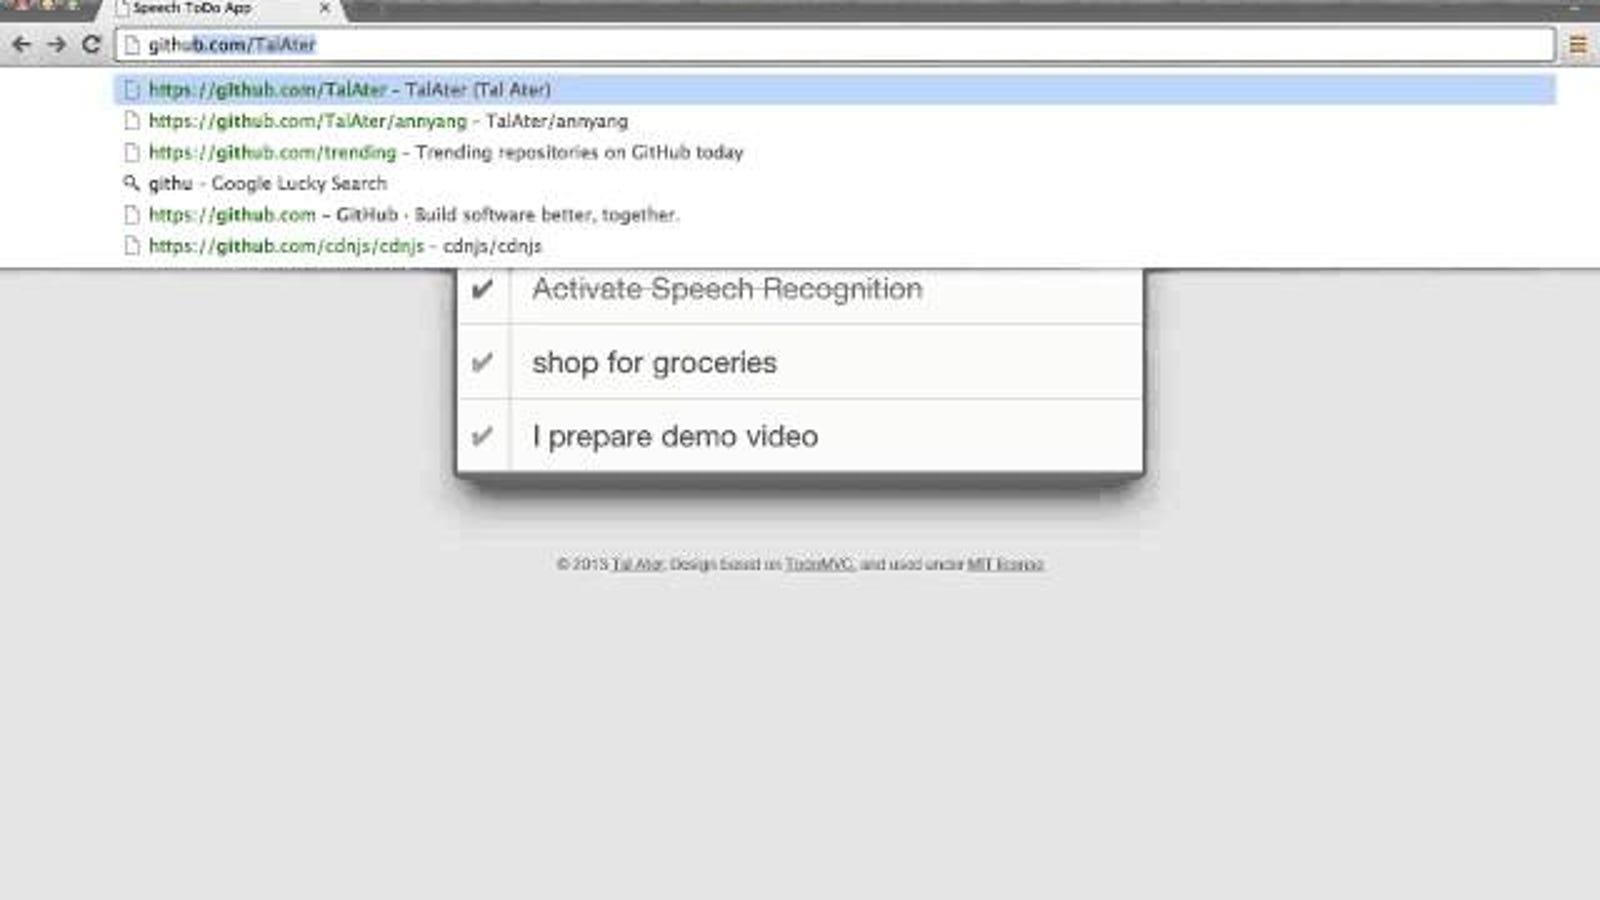 Un fallo en el navegador Chrome permite espiar todo lo que hablamos